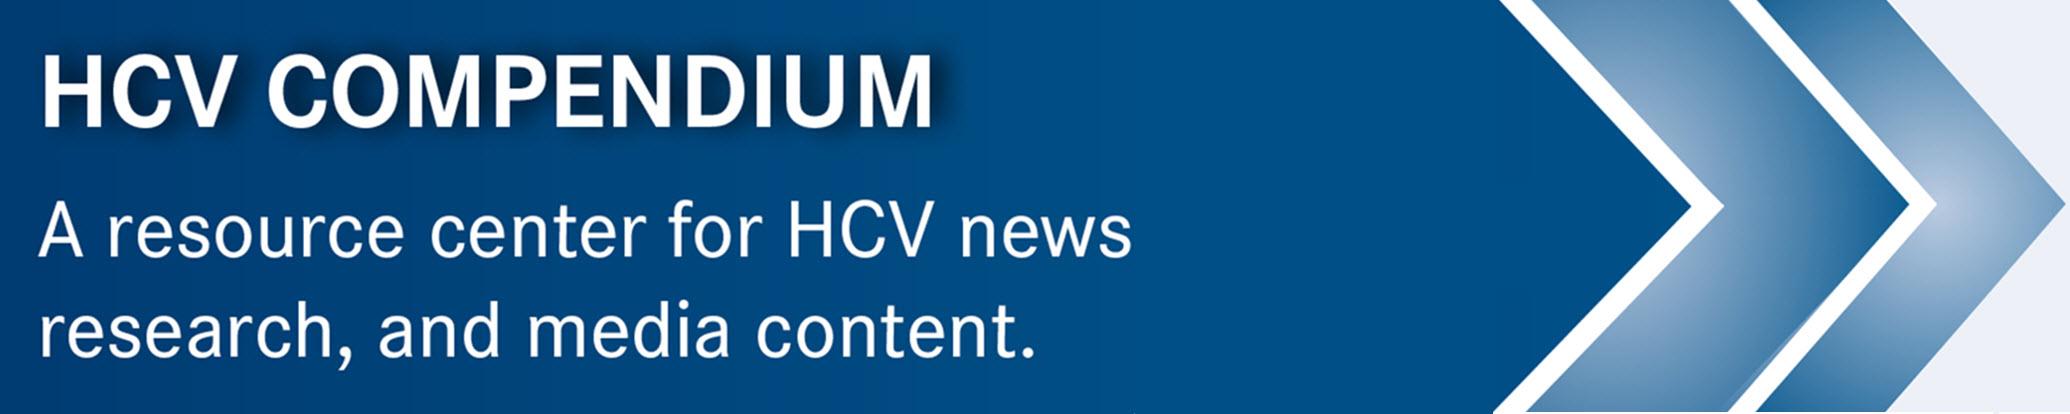 HCV Compendium